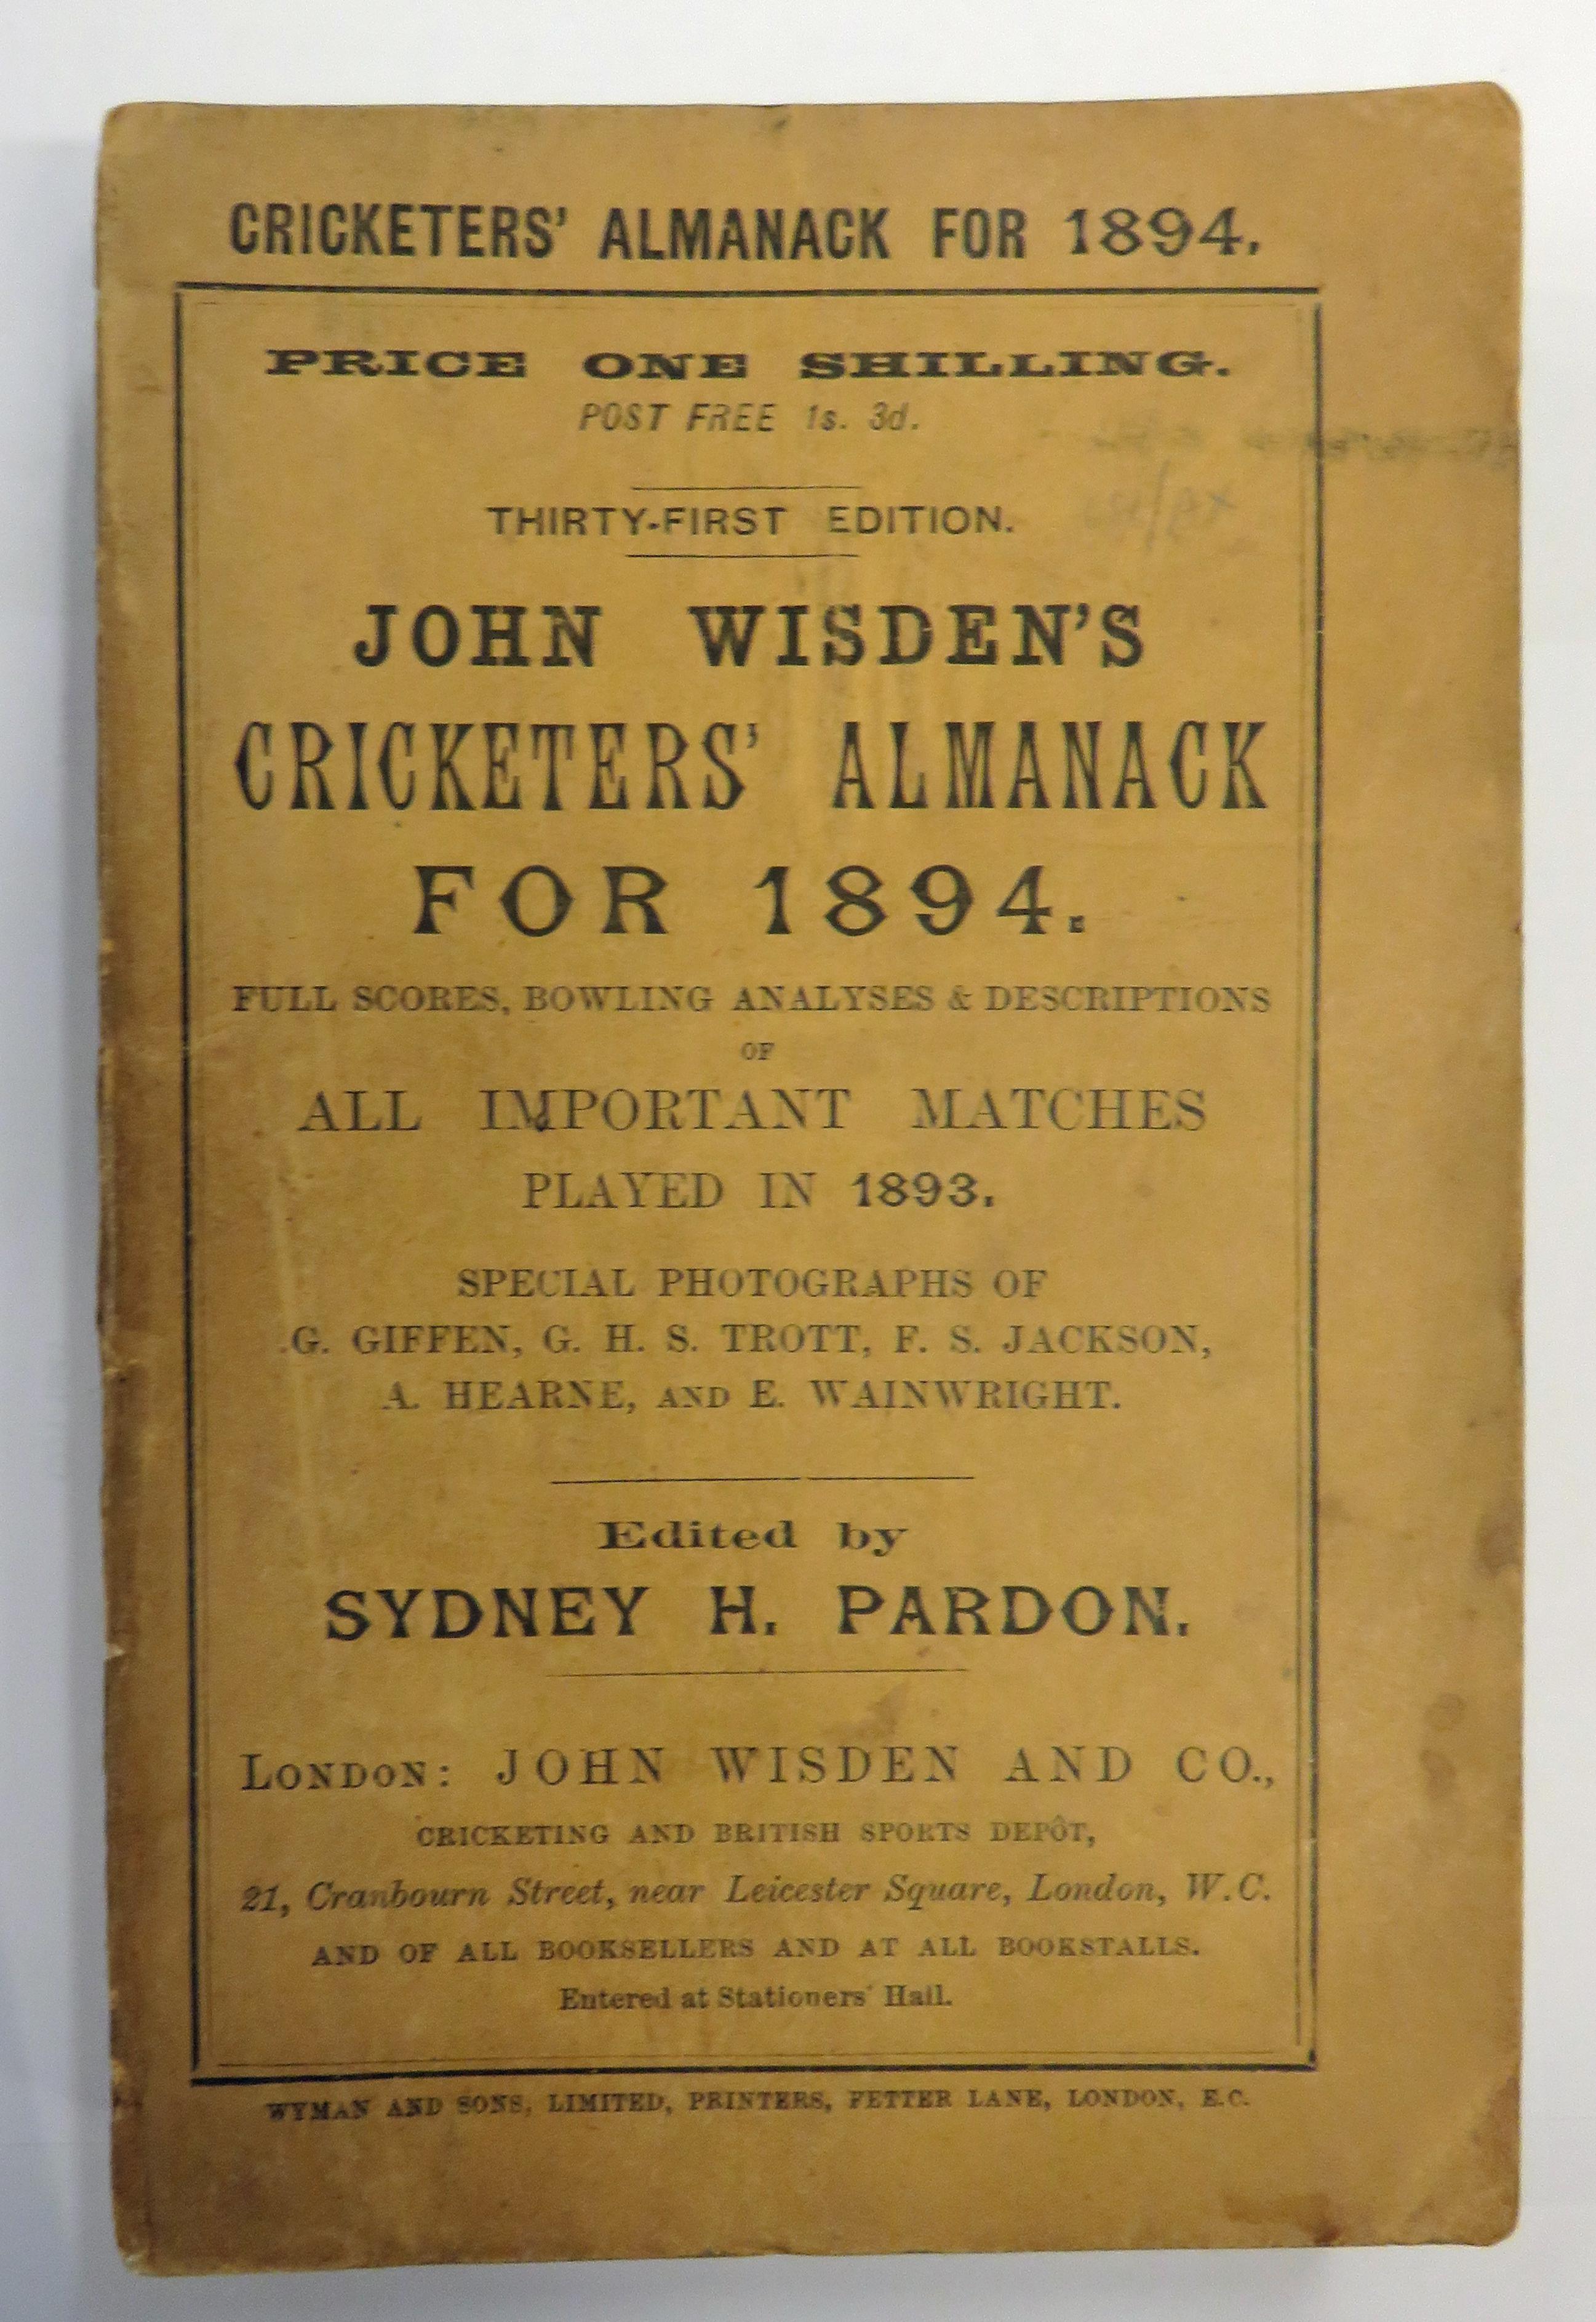 John Wisden Cricketers' Almanack for 1894